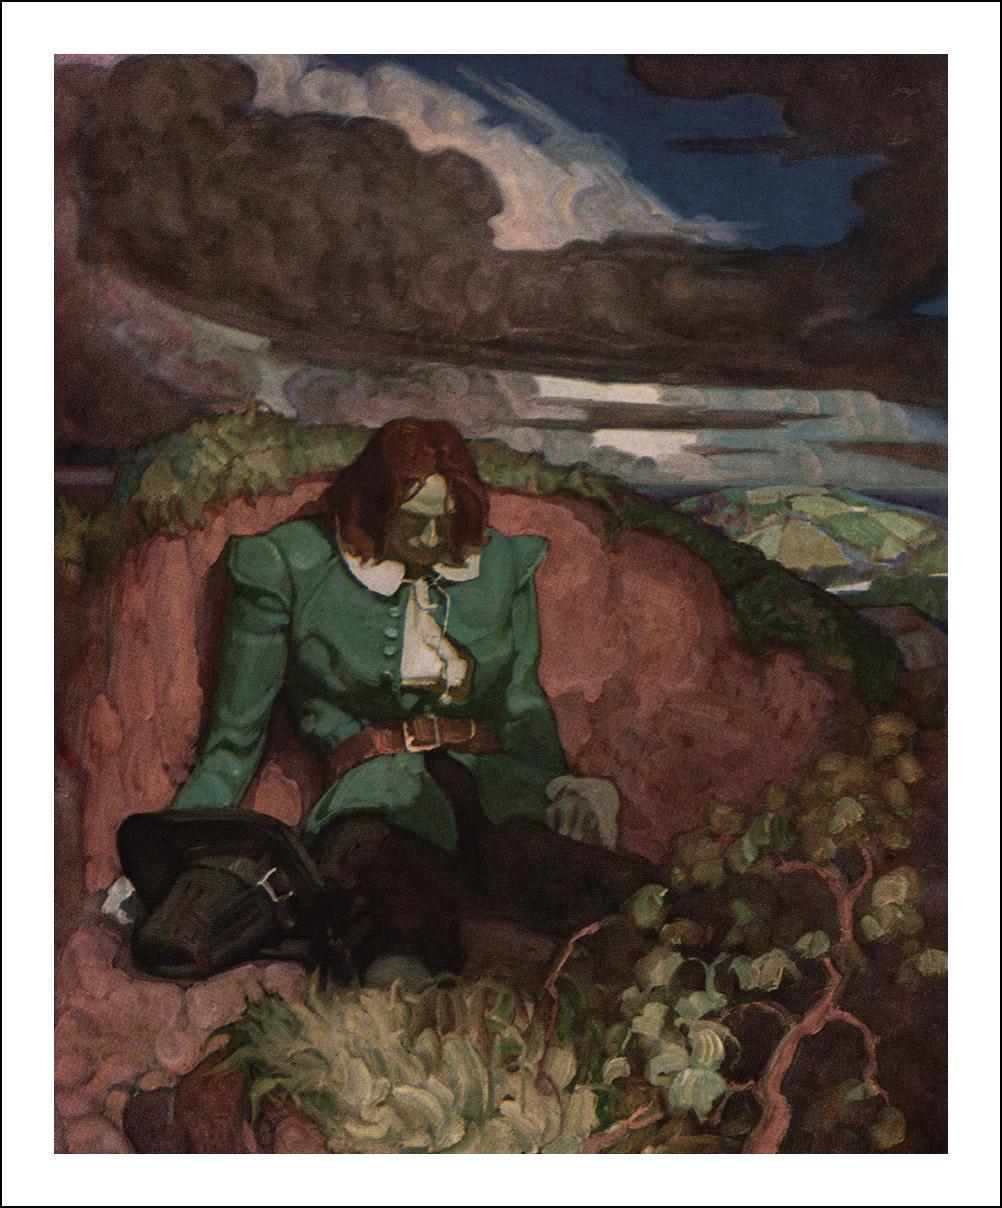 Mead Schaeffer, Lorna Doone